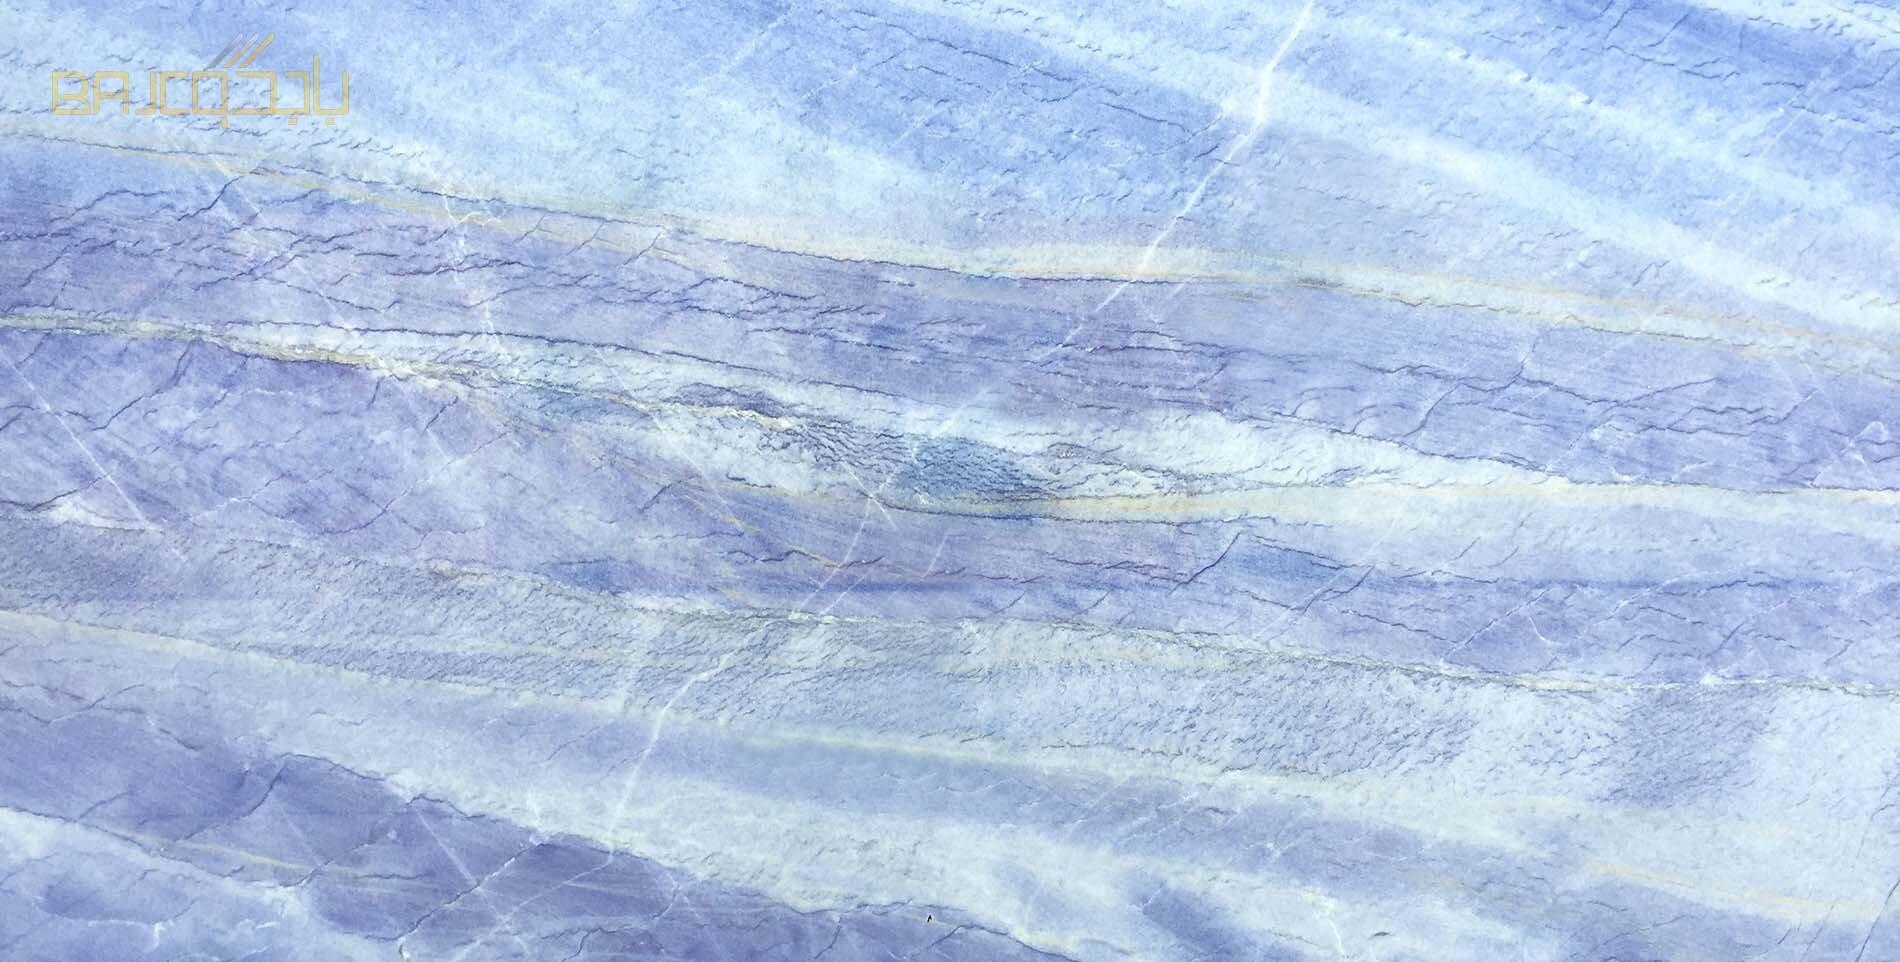 Azul-Macaubas ازول ماكوبا